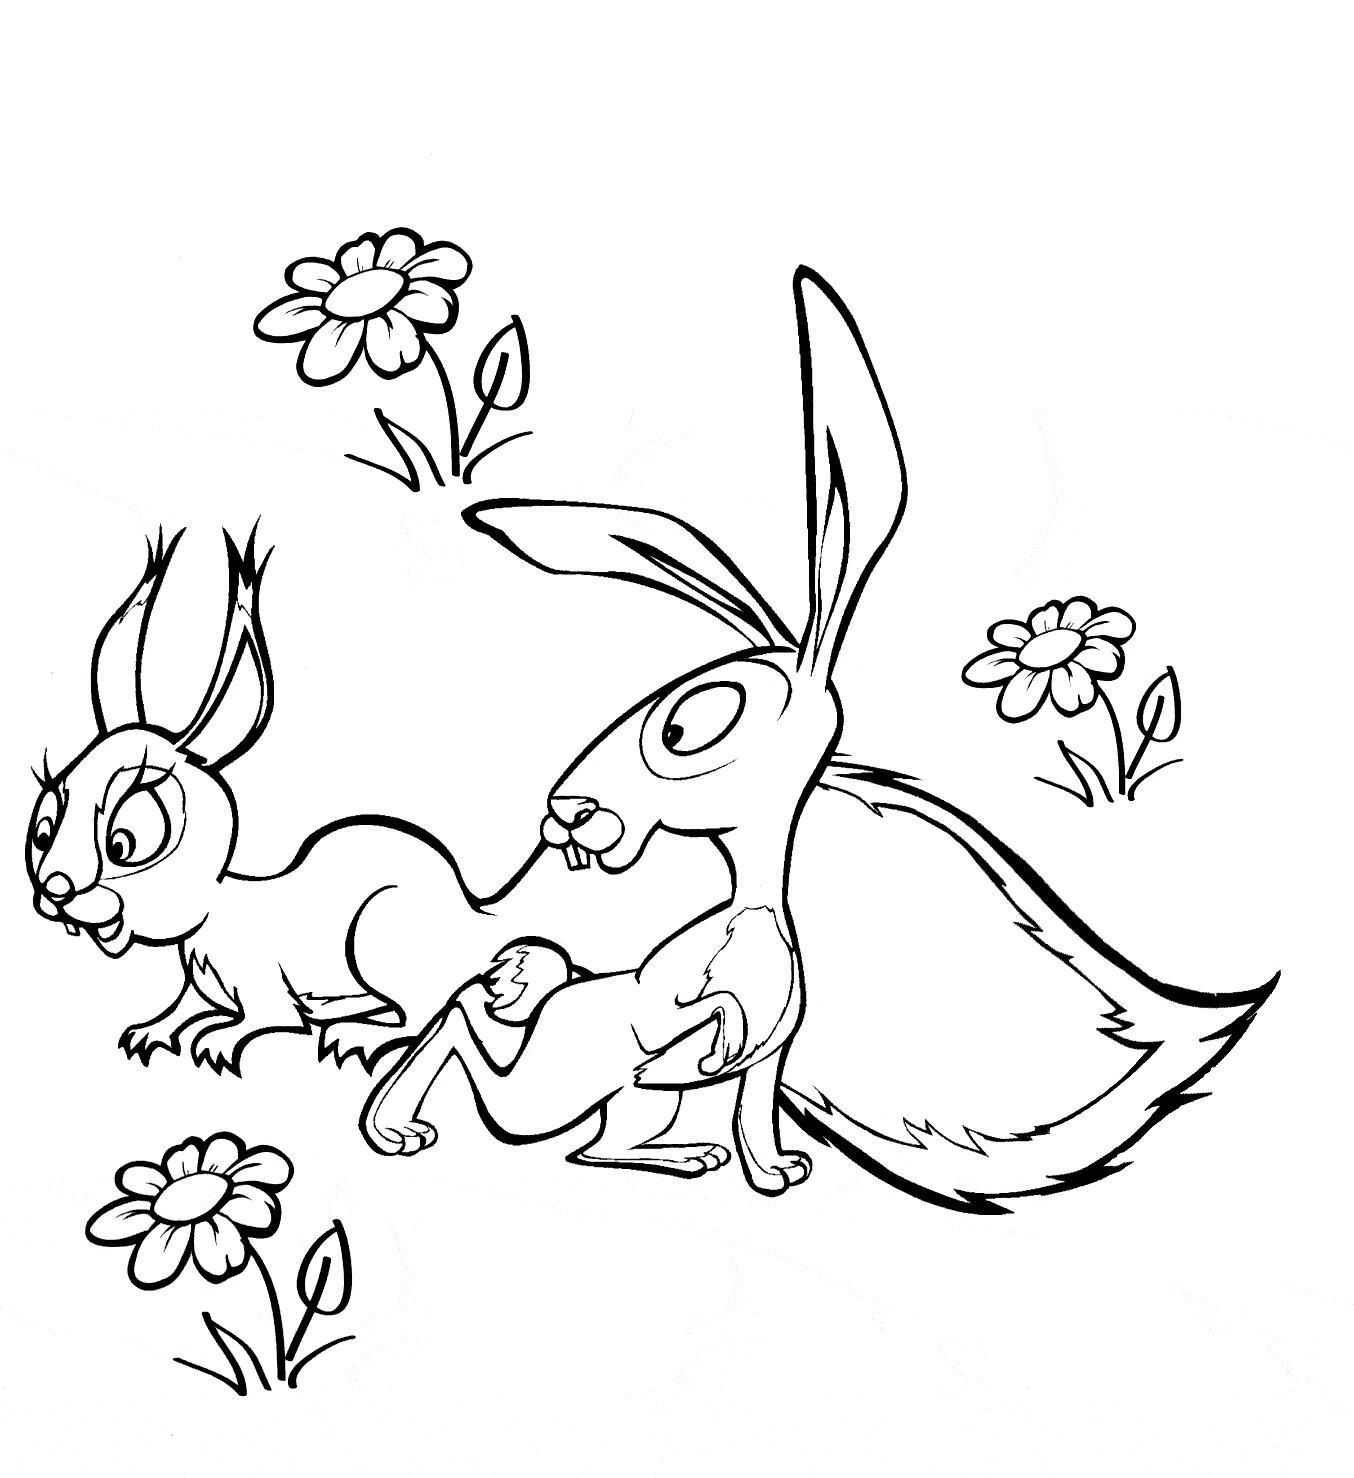 Рисунки для витражных красок из мульфильма маша и медведь. заяц и белка